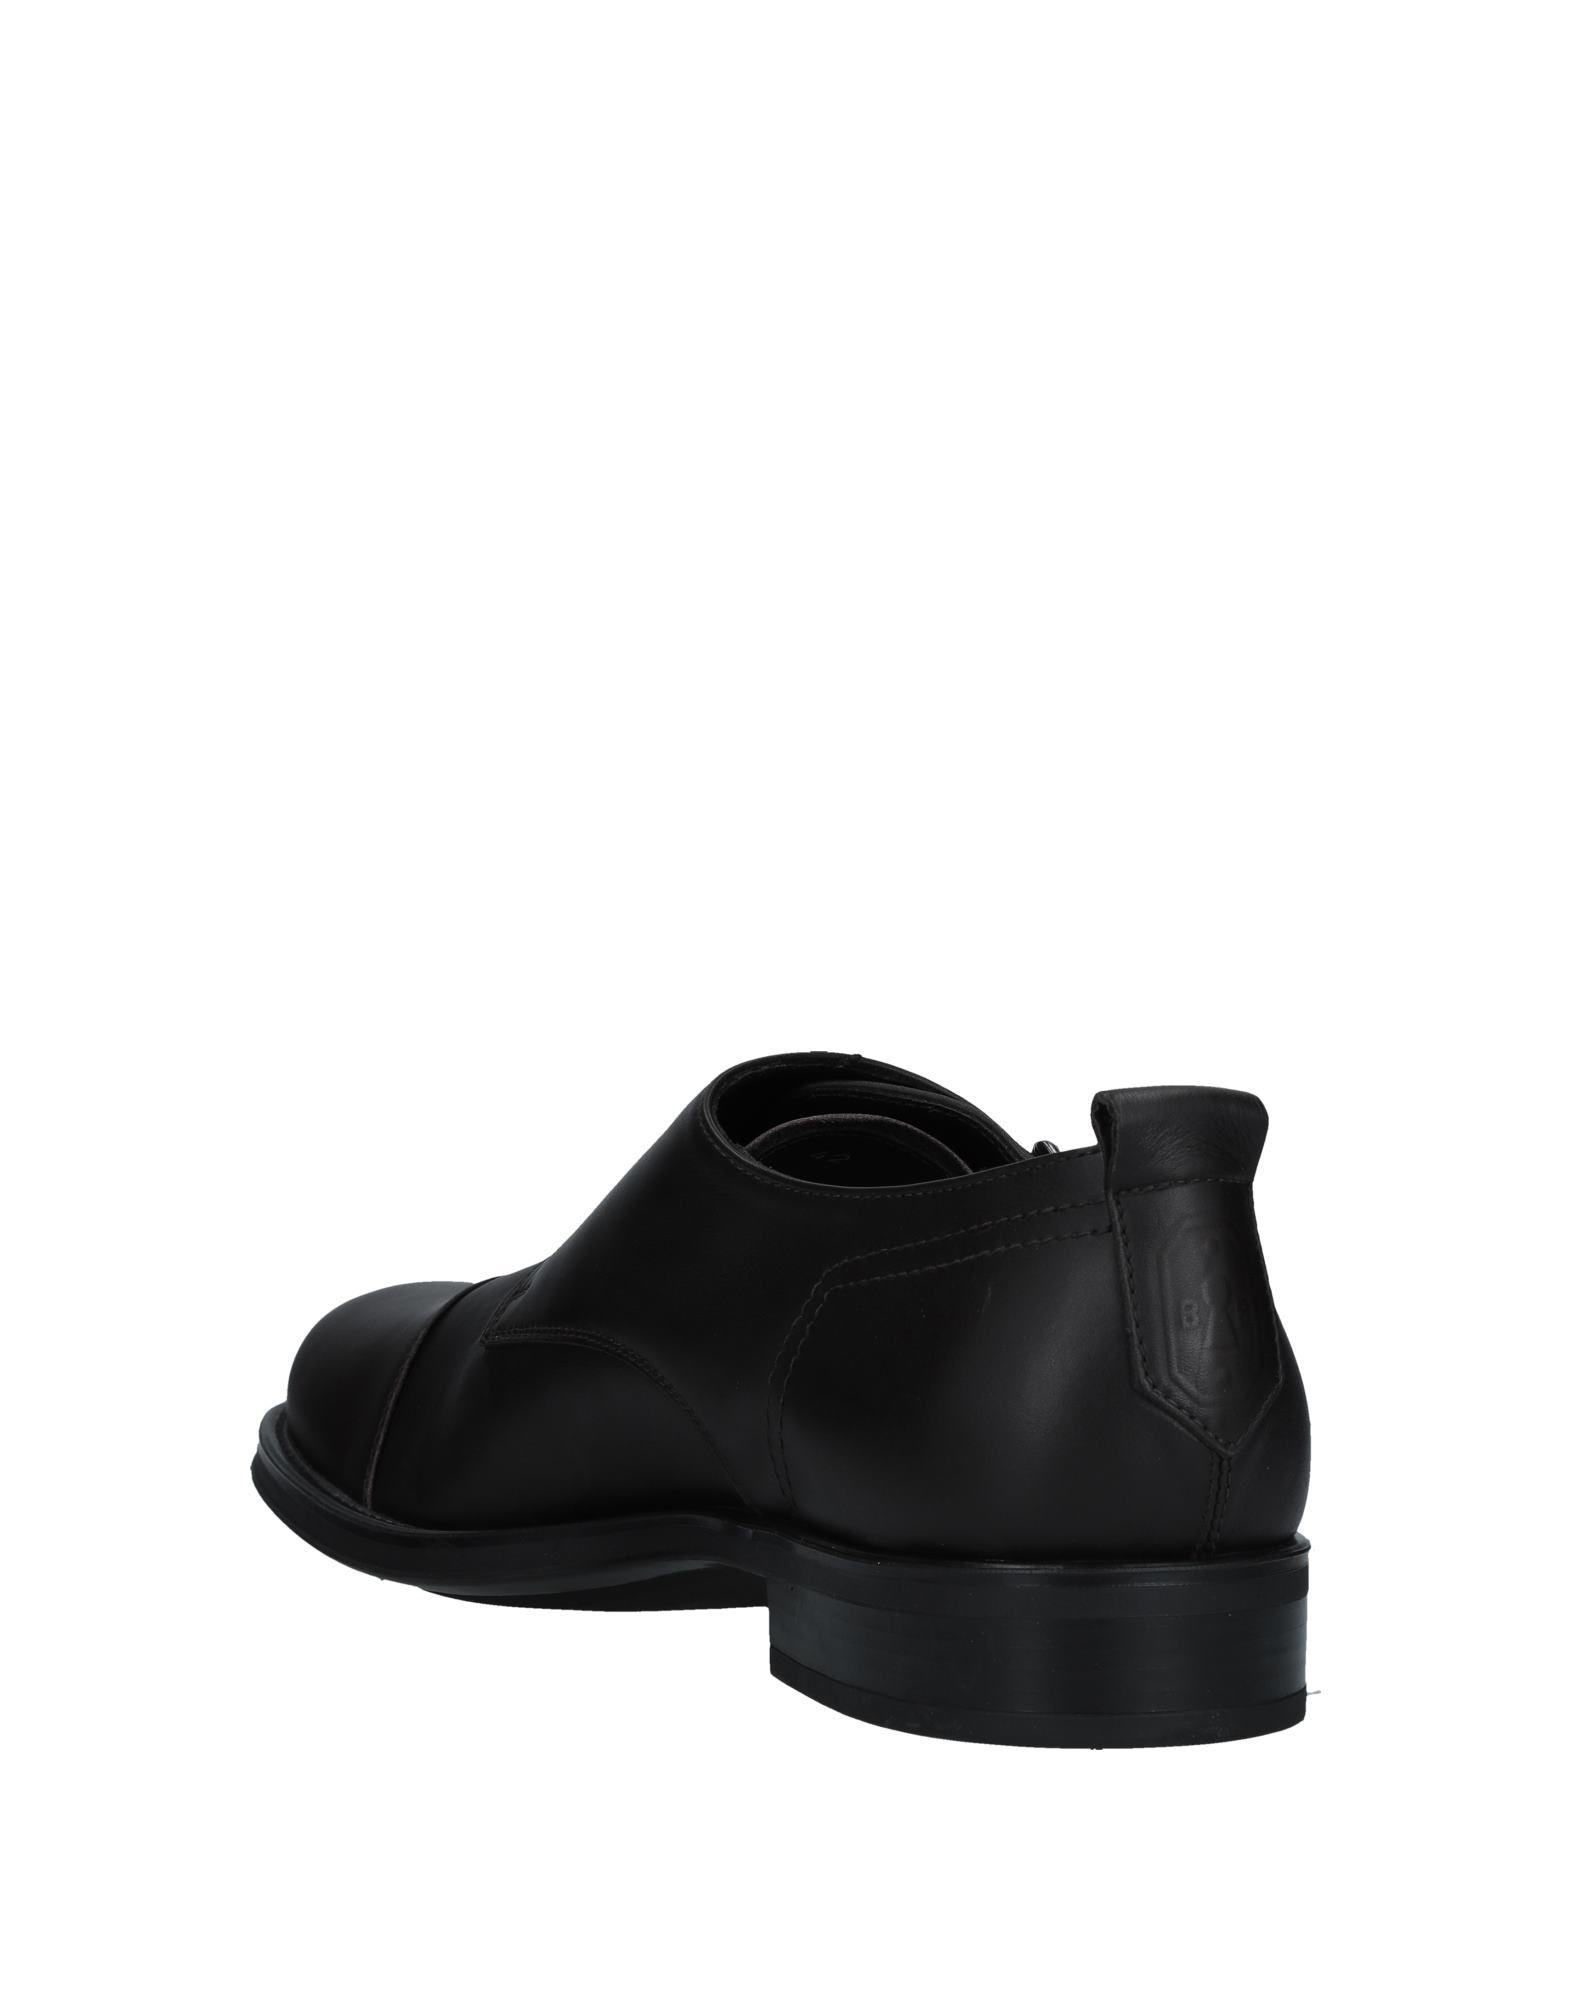 Bruno Bordese Mokassins Herren  11528804QL Gute Qualität beliebte Schuhe